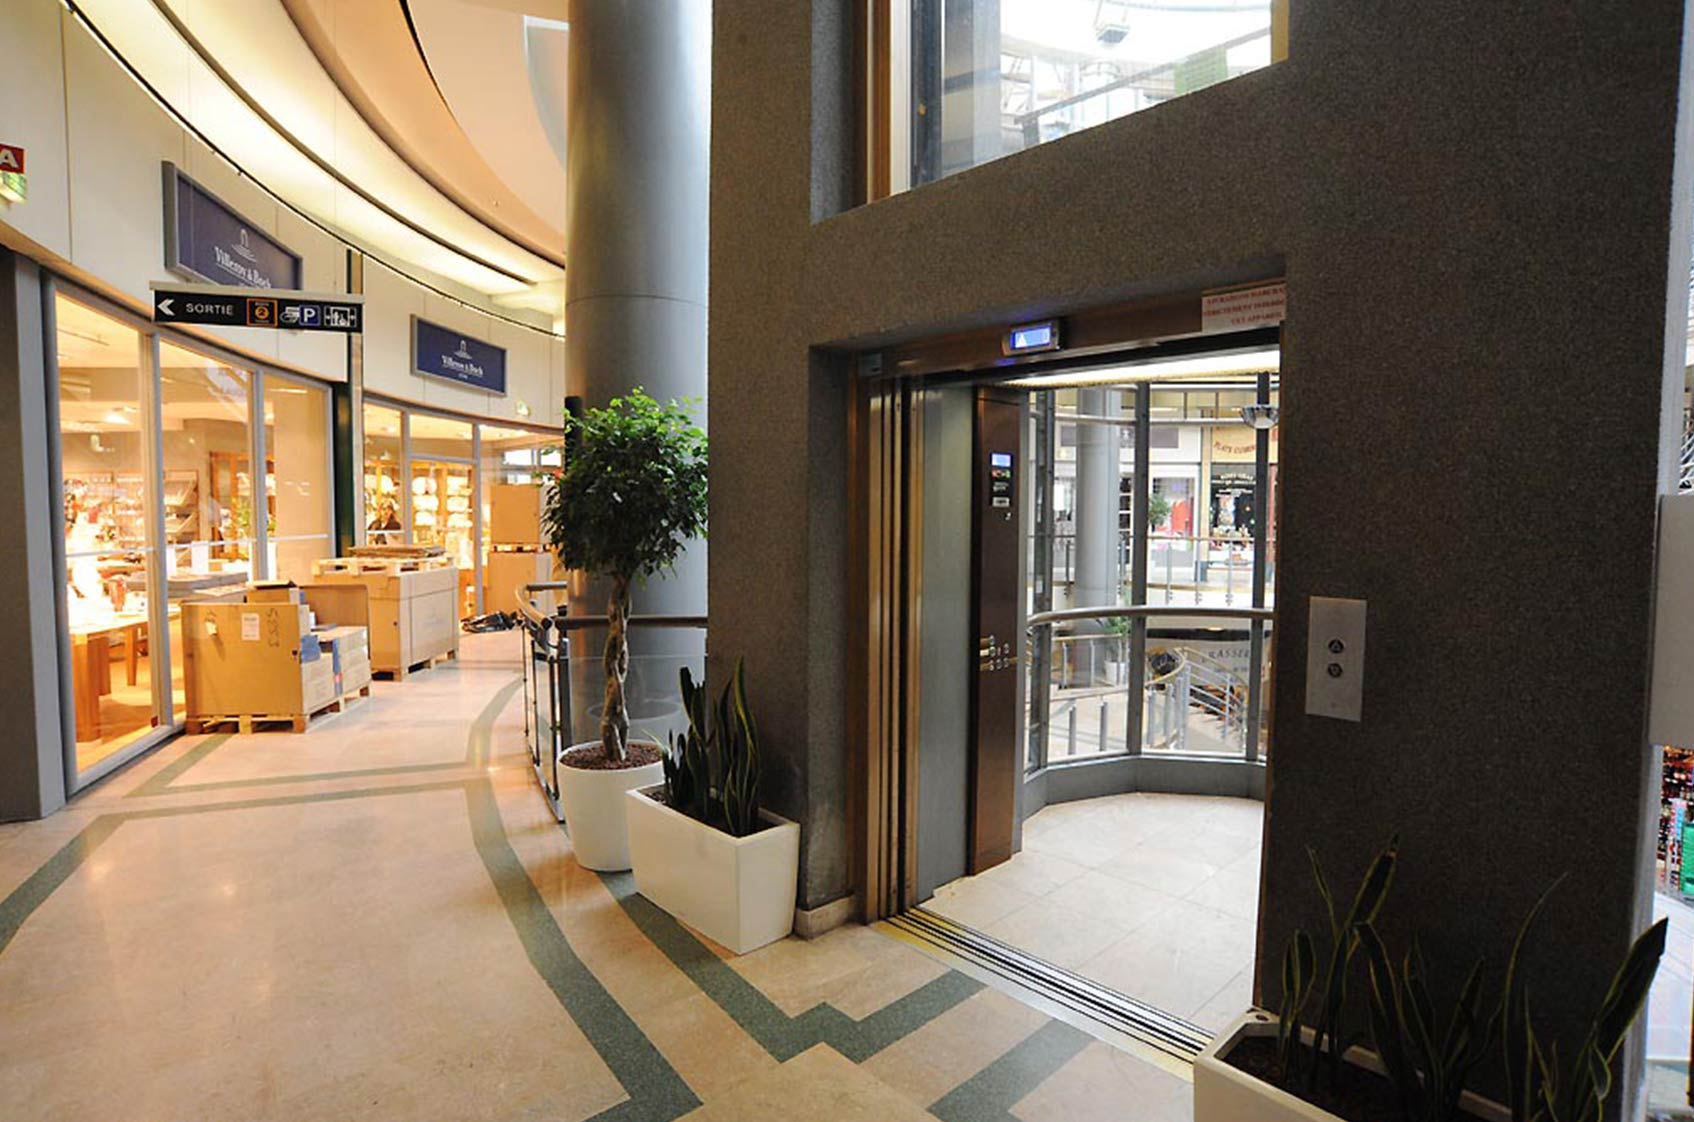 Un ascenseur comment a marche gros plan sur les portes - Centre commercial les portes de chevreuse ...